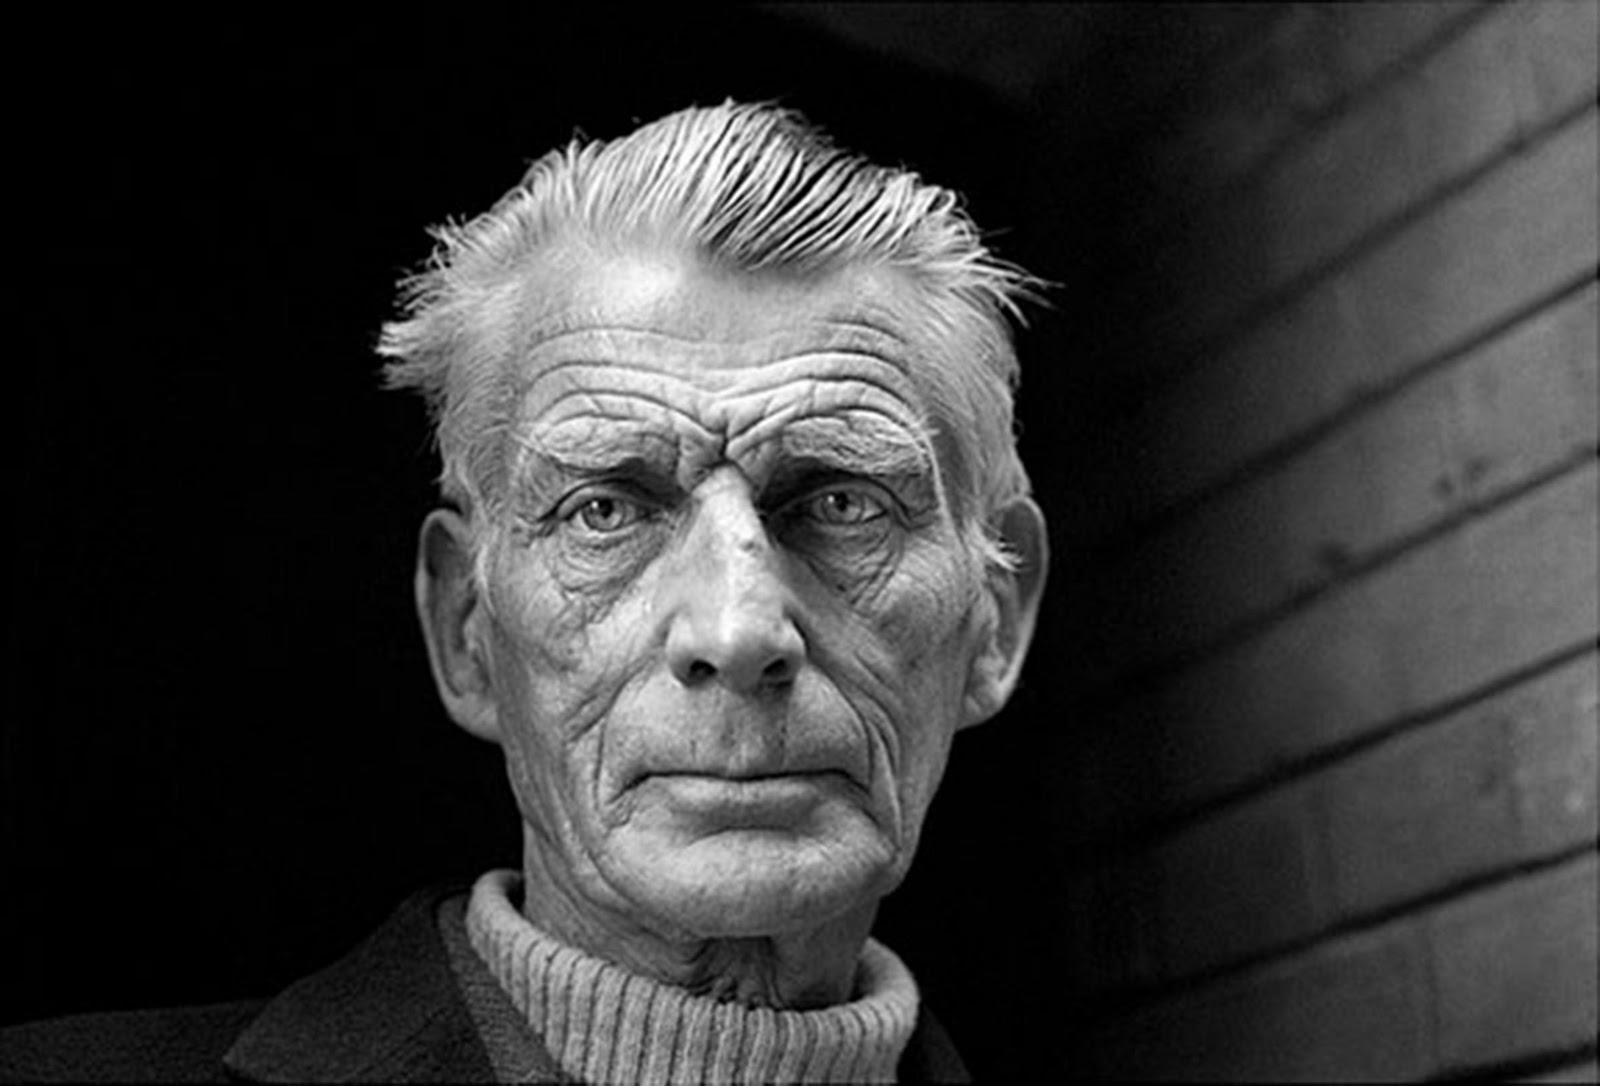 Krapp's Last Tape. Samuel Beckett